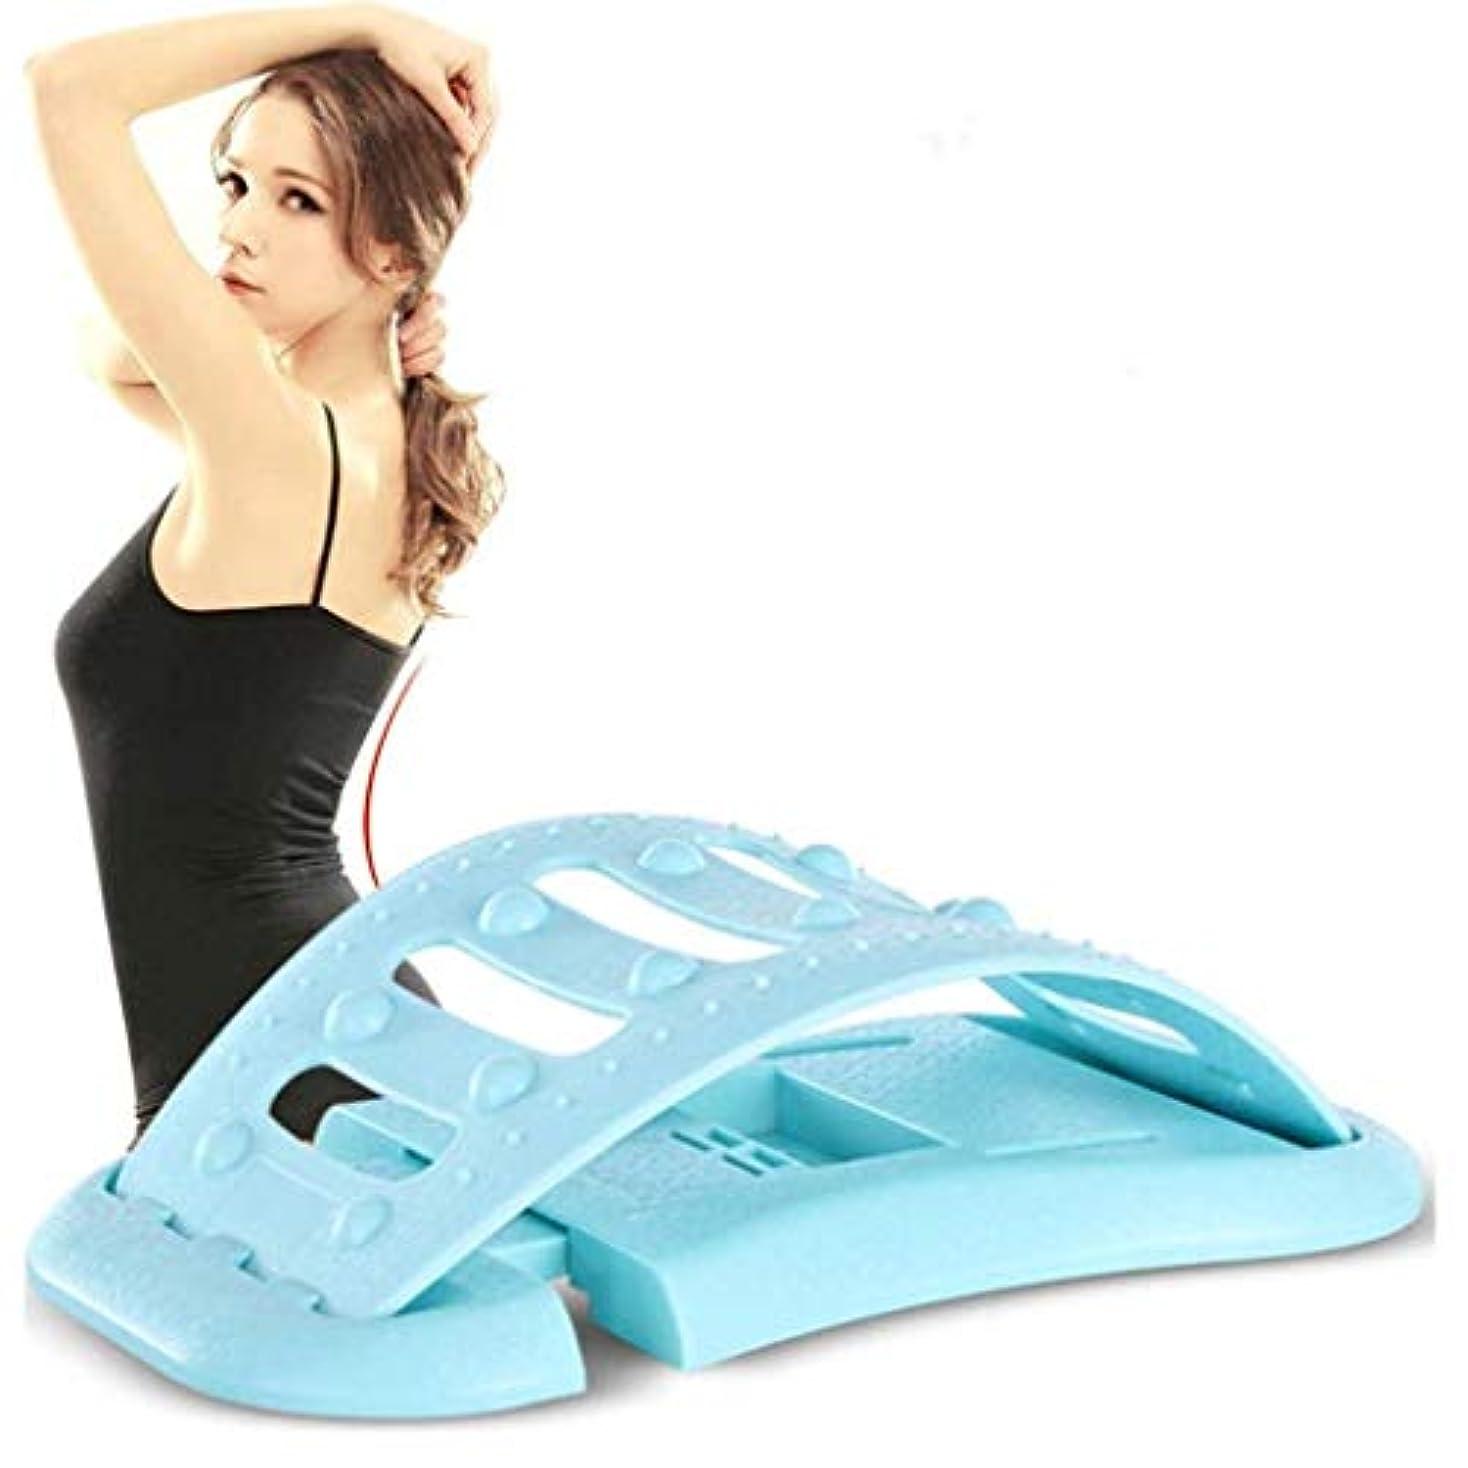 ライバルペルー巻き戻す姿勢ブレース、背中の痛みを軽減するための腰椎サポート、魅力的な曲線の形成 (Color : Blue)